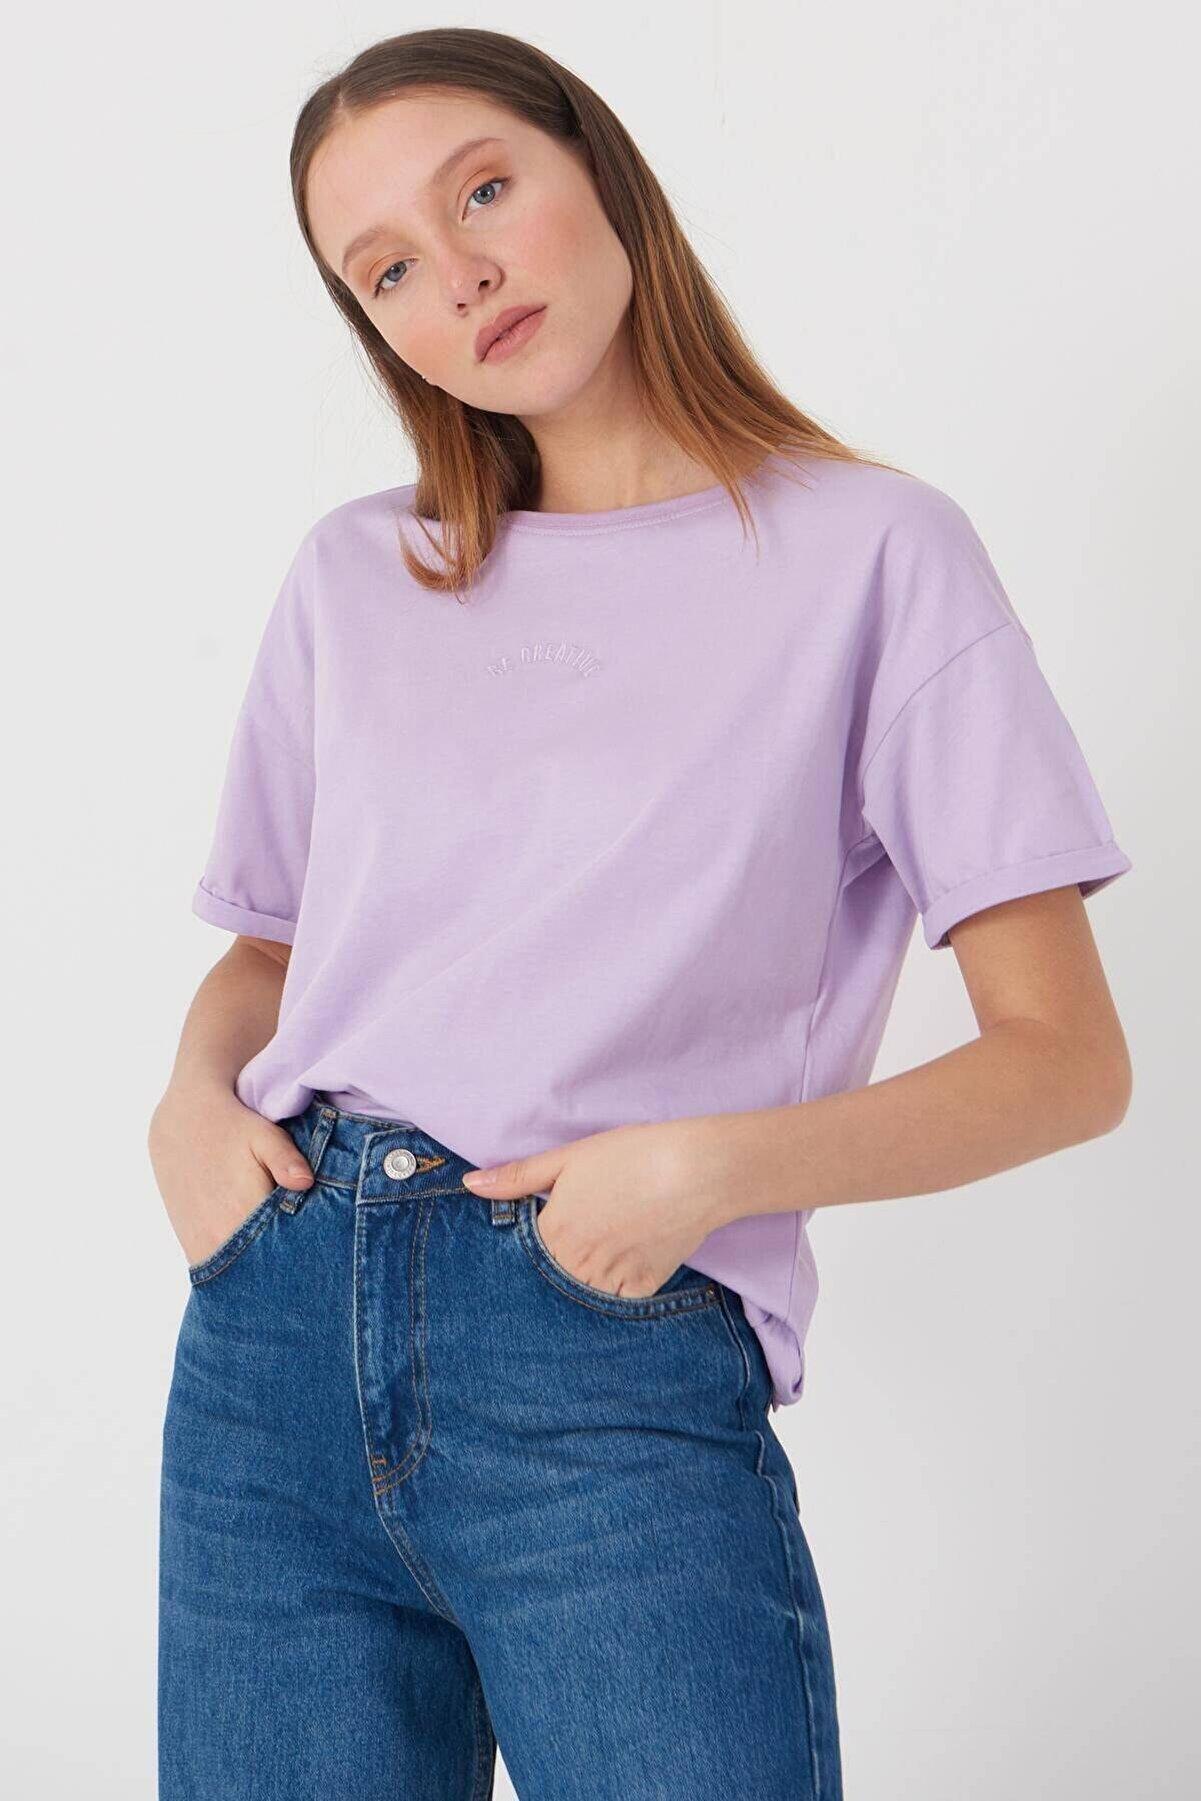 Addax Kadın Lila Yazı Detaylı T-Shirt P0659 - Dk12 Adx-0000018505